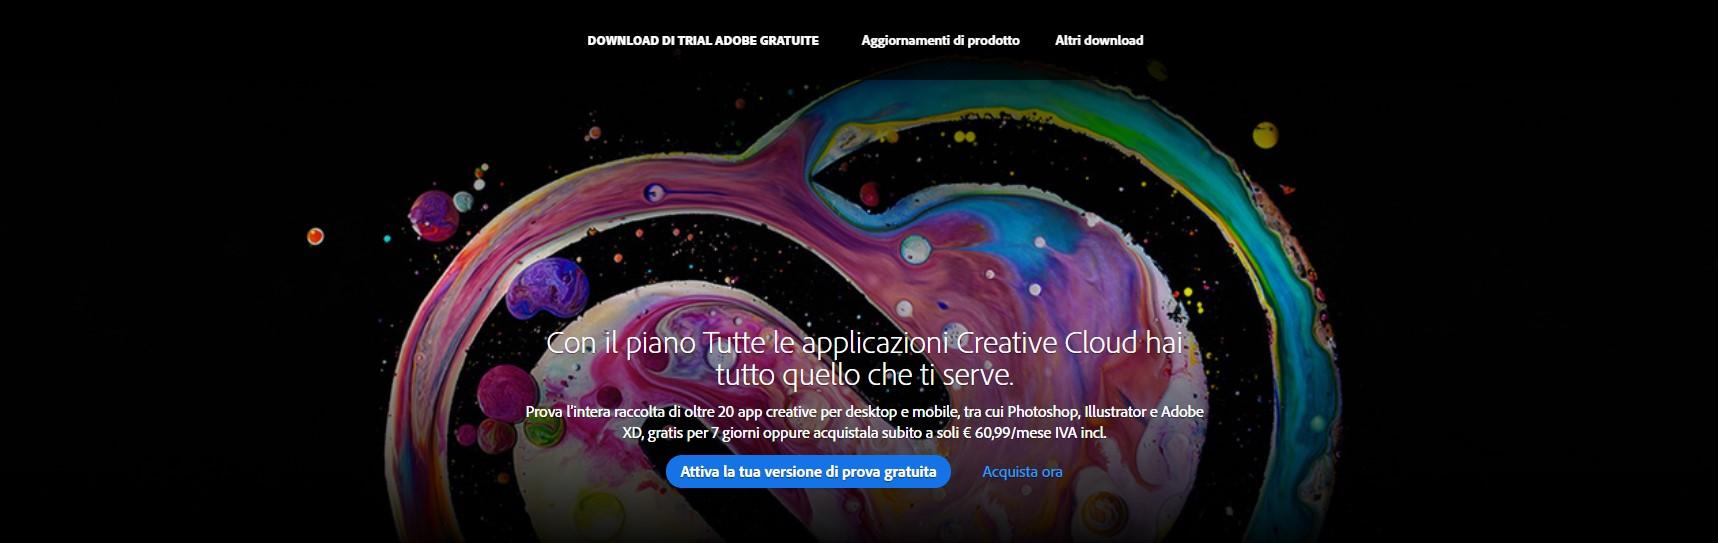 Come ottenere un account Creative Cloud gratuito